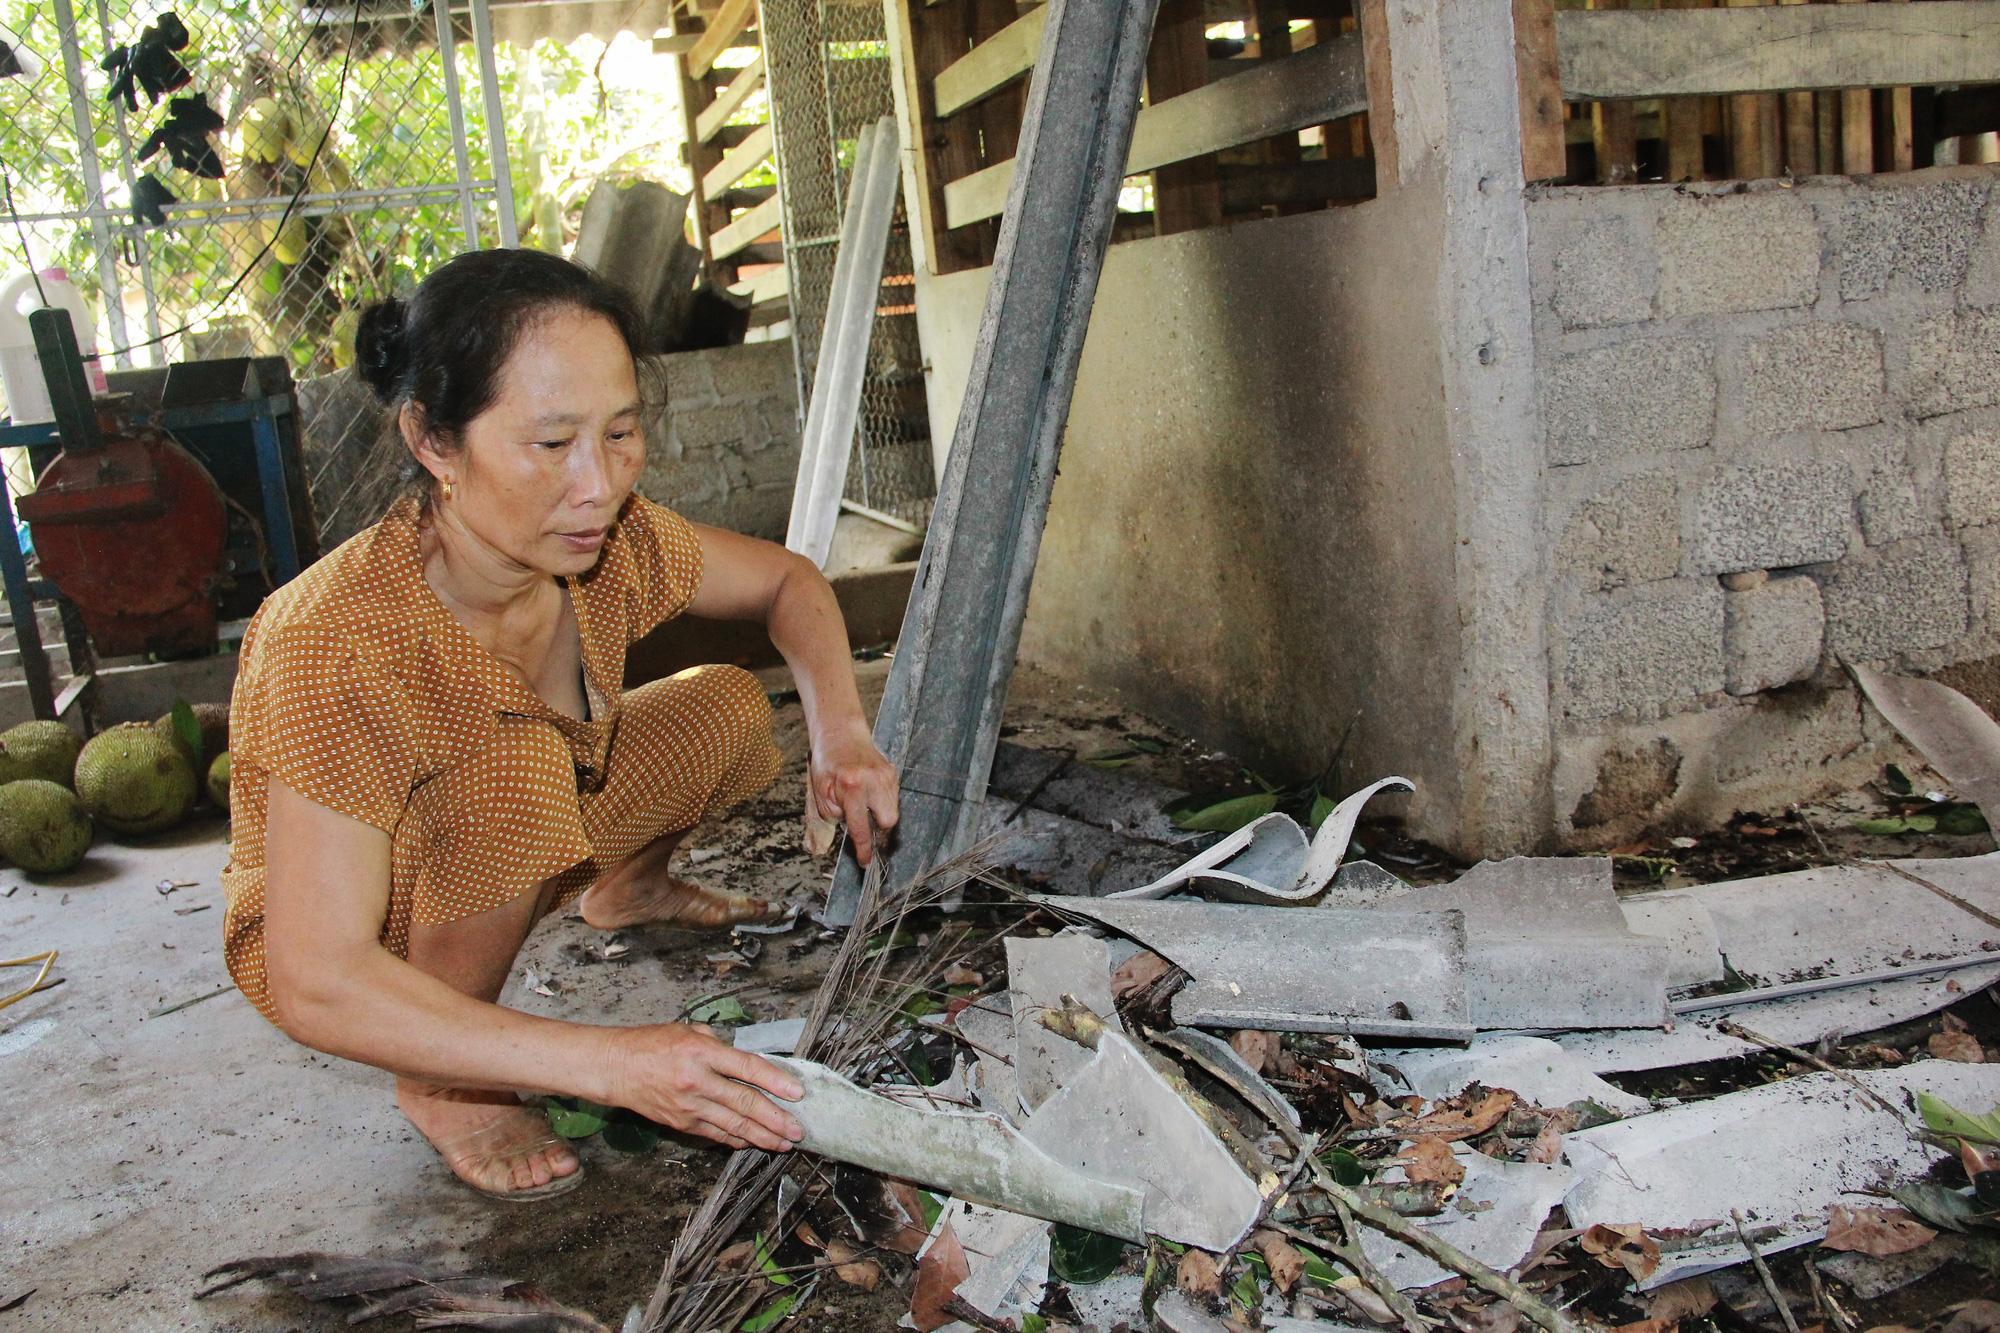 Hà Tĩnh: Lốc xoáy quét qua, hàng trăm ngôi nhà tốc mái, hoa màu hư hỏng nặng, thiệt hại hàng tỷ đồng - Ảnh 3.